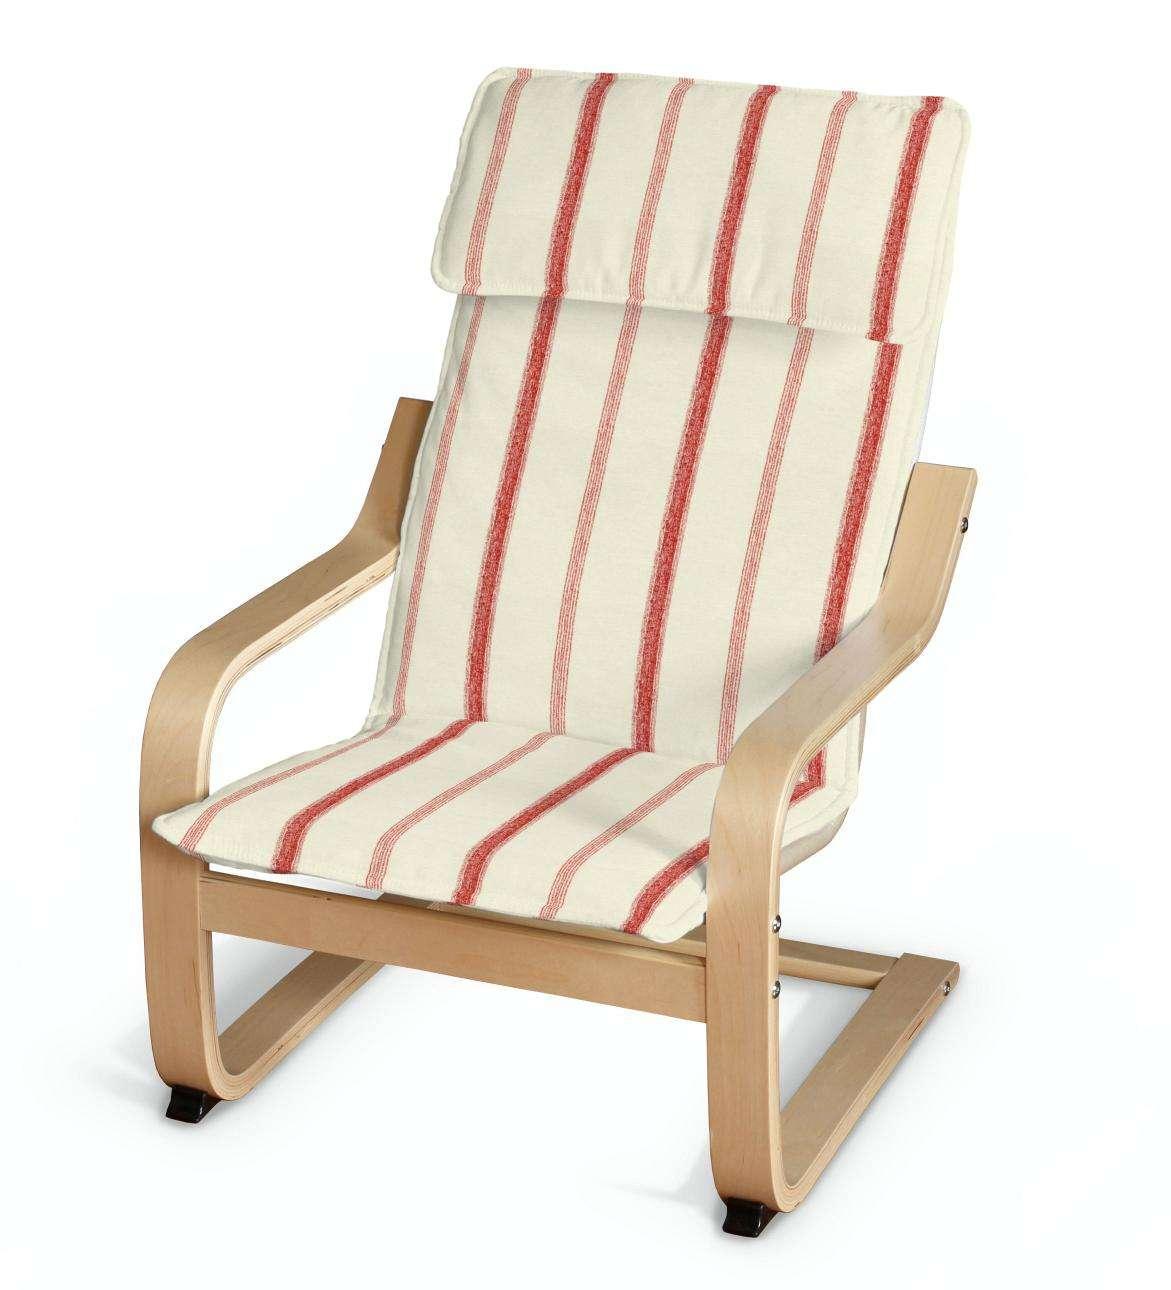 Poang Kinderfauteuil Ikea.Poang Kussen Voor Een Kinderstoel Creme Rood 129 15 Dekoria